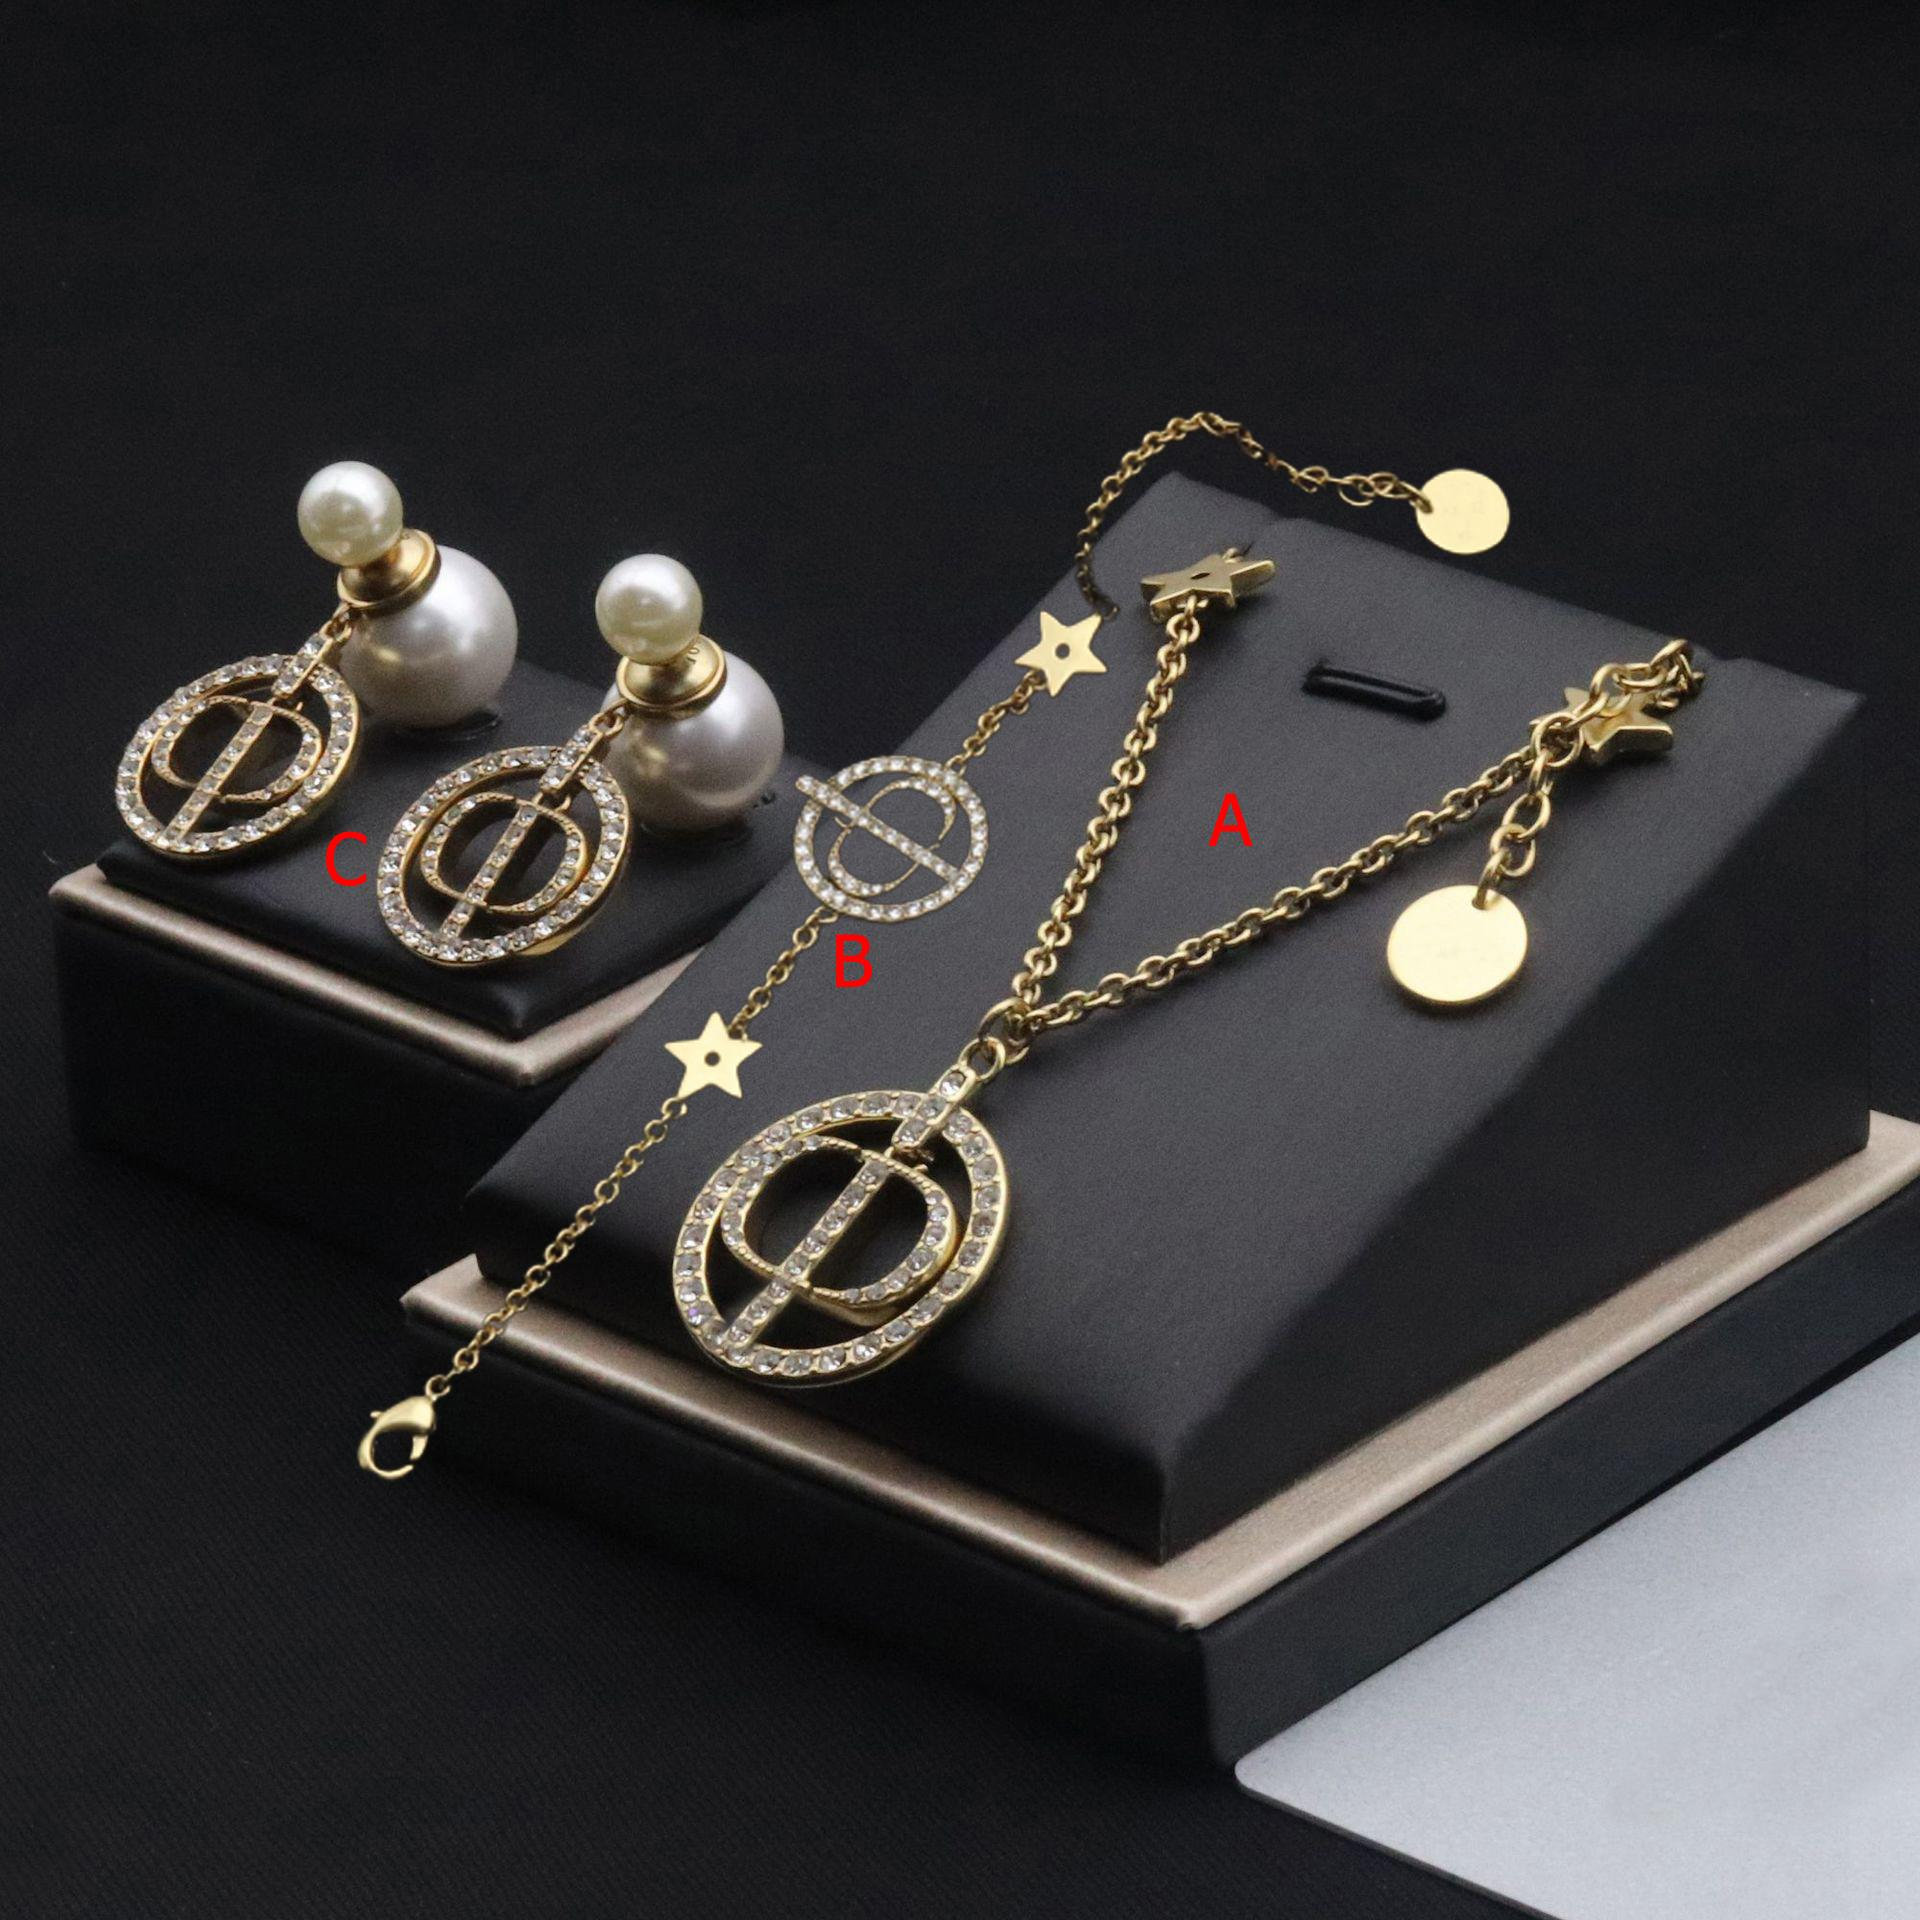 Carta da cadeia incrustada zircon star mulheres luxuosas colar de jóias com pacote